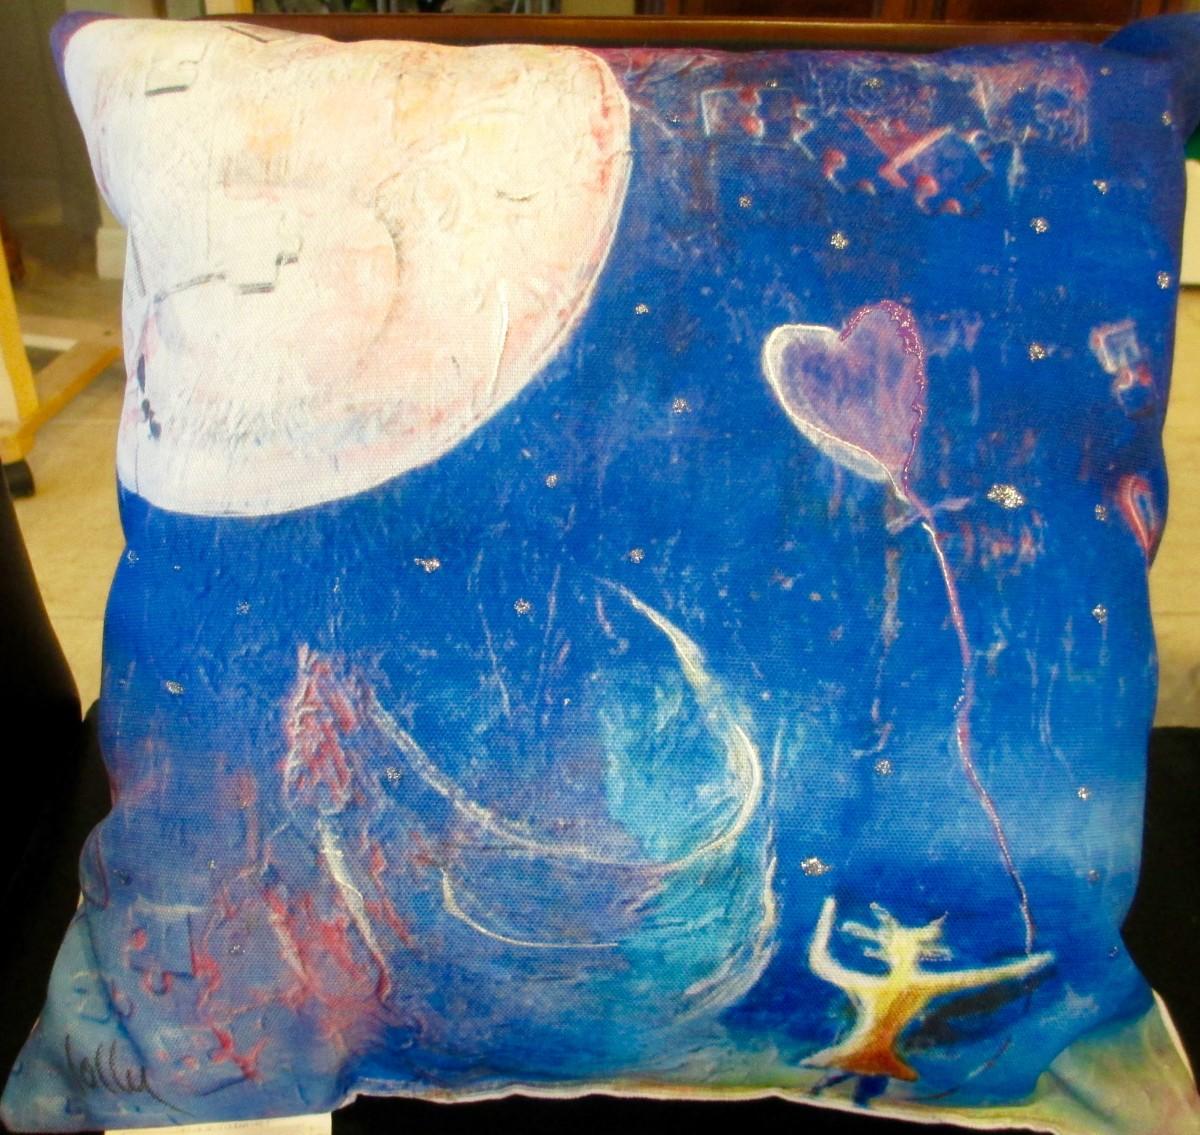 TG No 30 Pillows